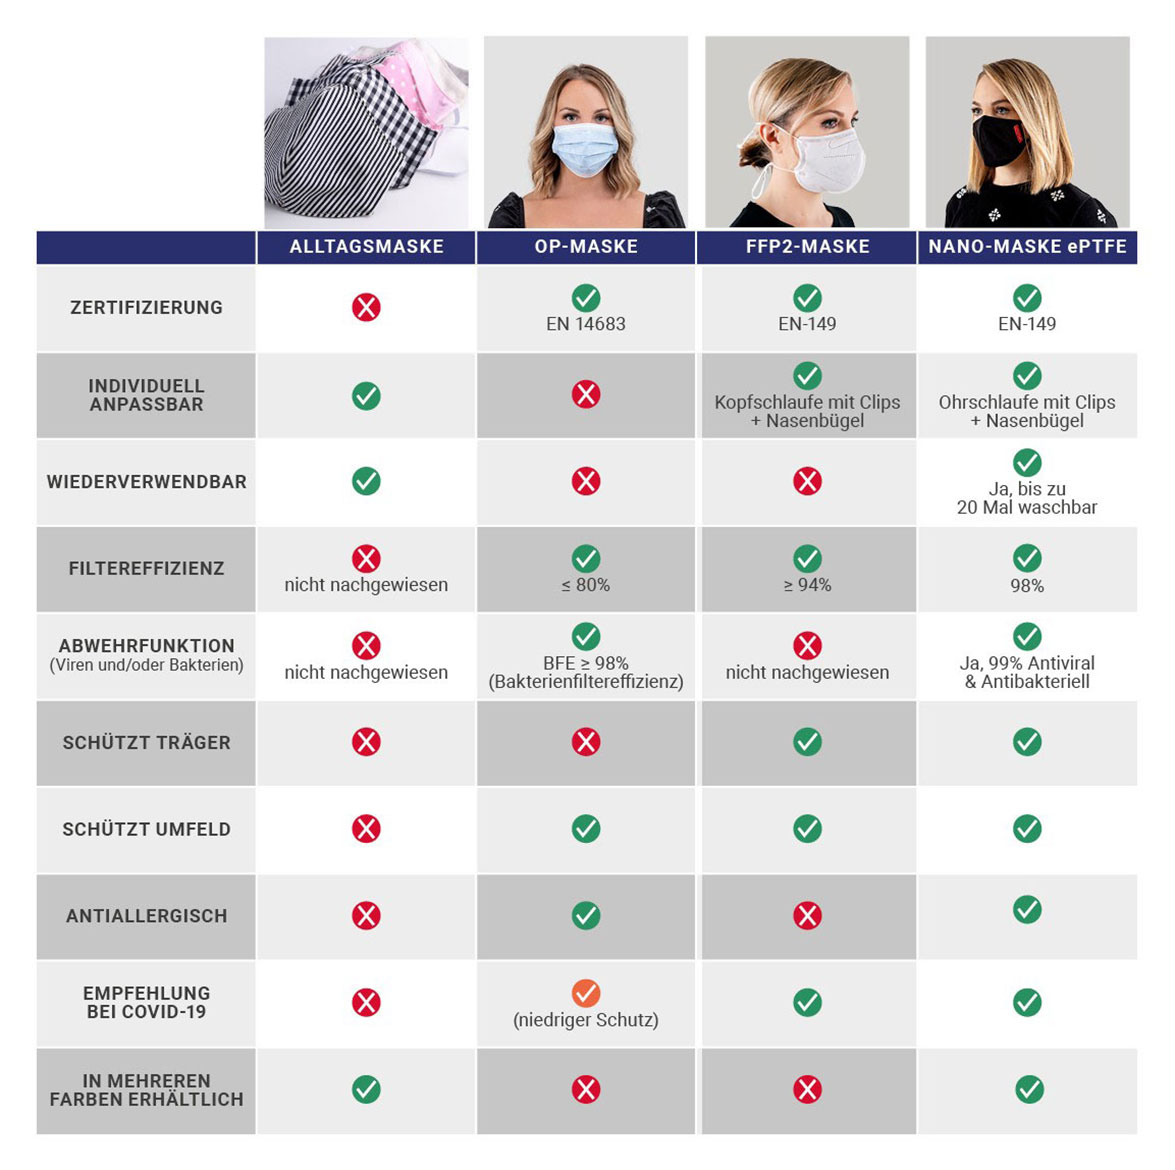 Masken im Vergleich